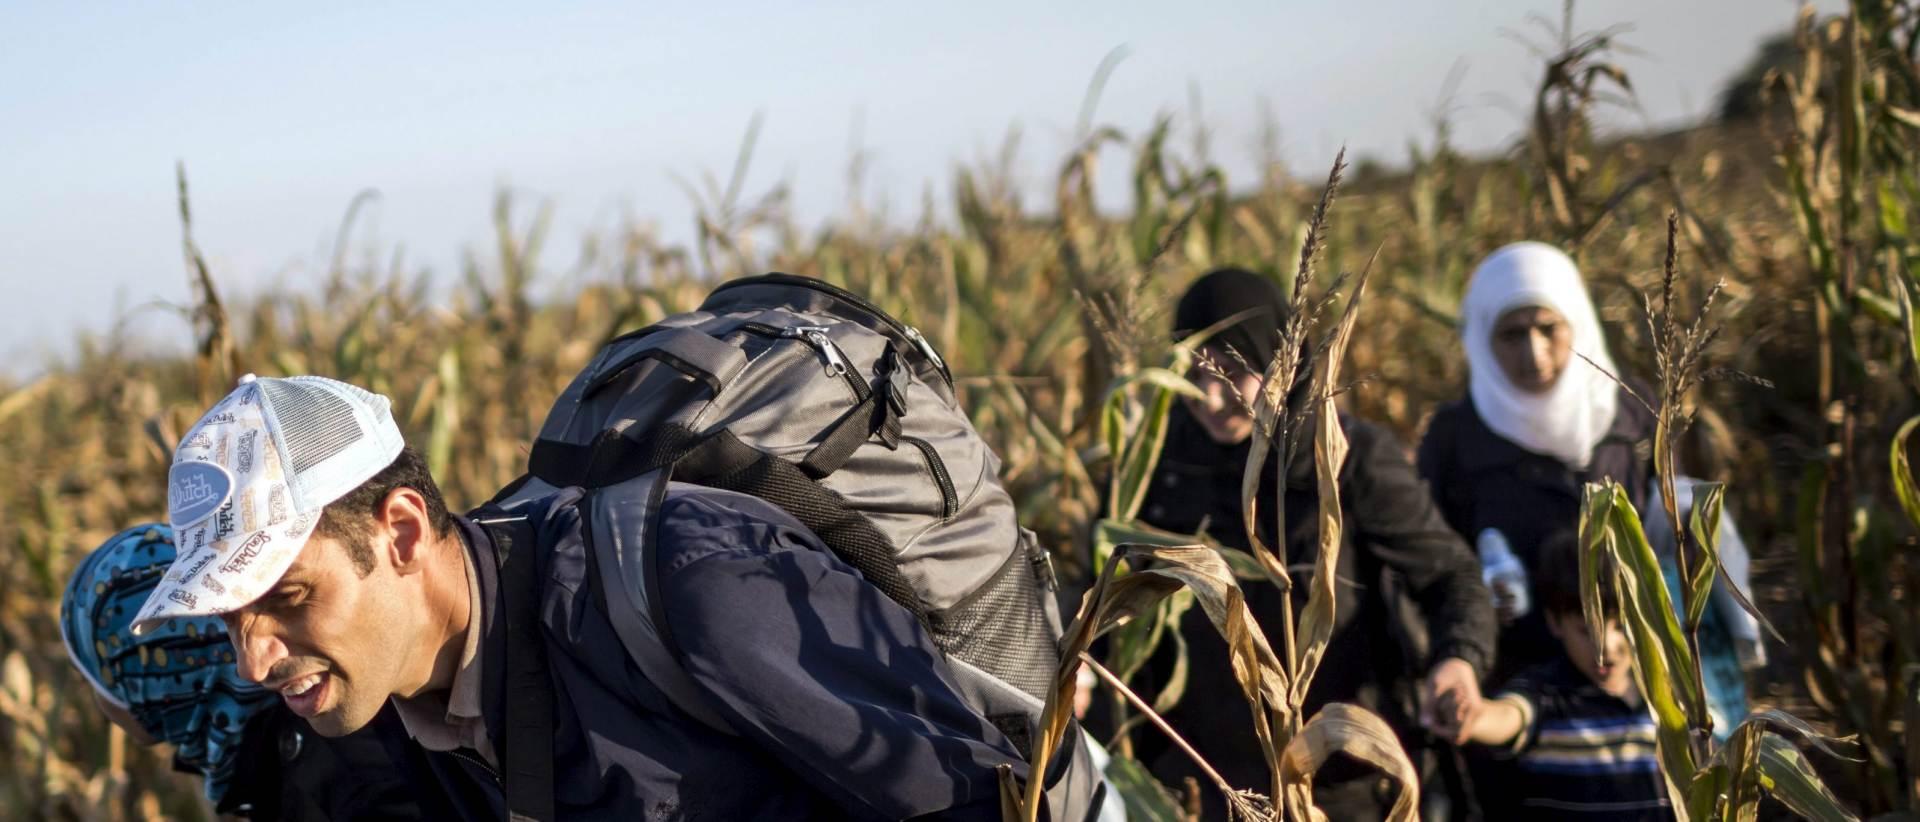 PRIJE NOVOG ZAKONA: U Mađarsku u nedjelju ušao rekordan broj izbjeglica